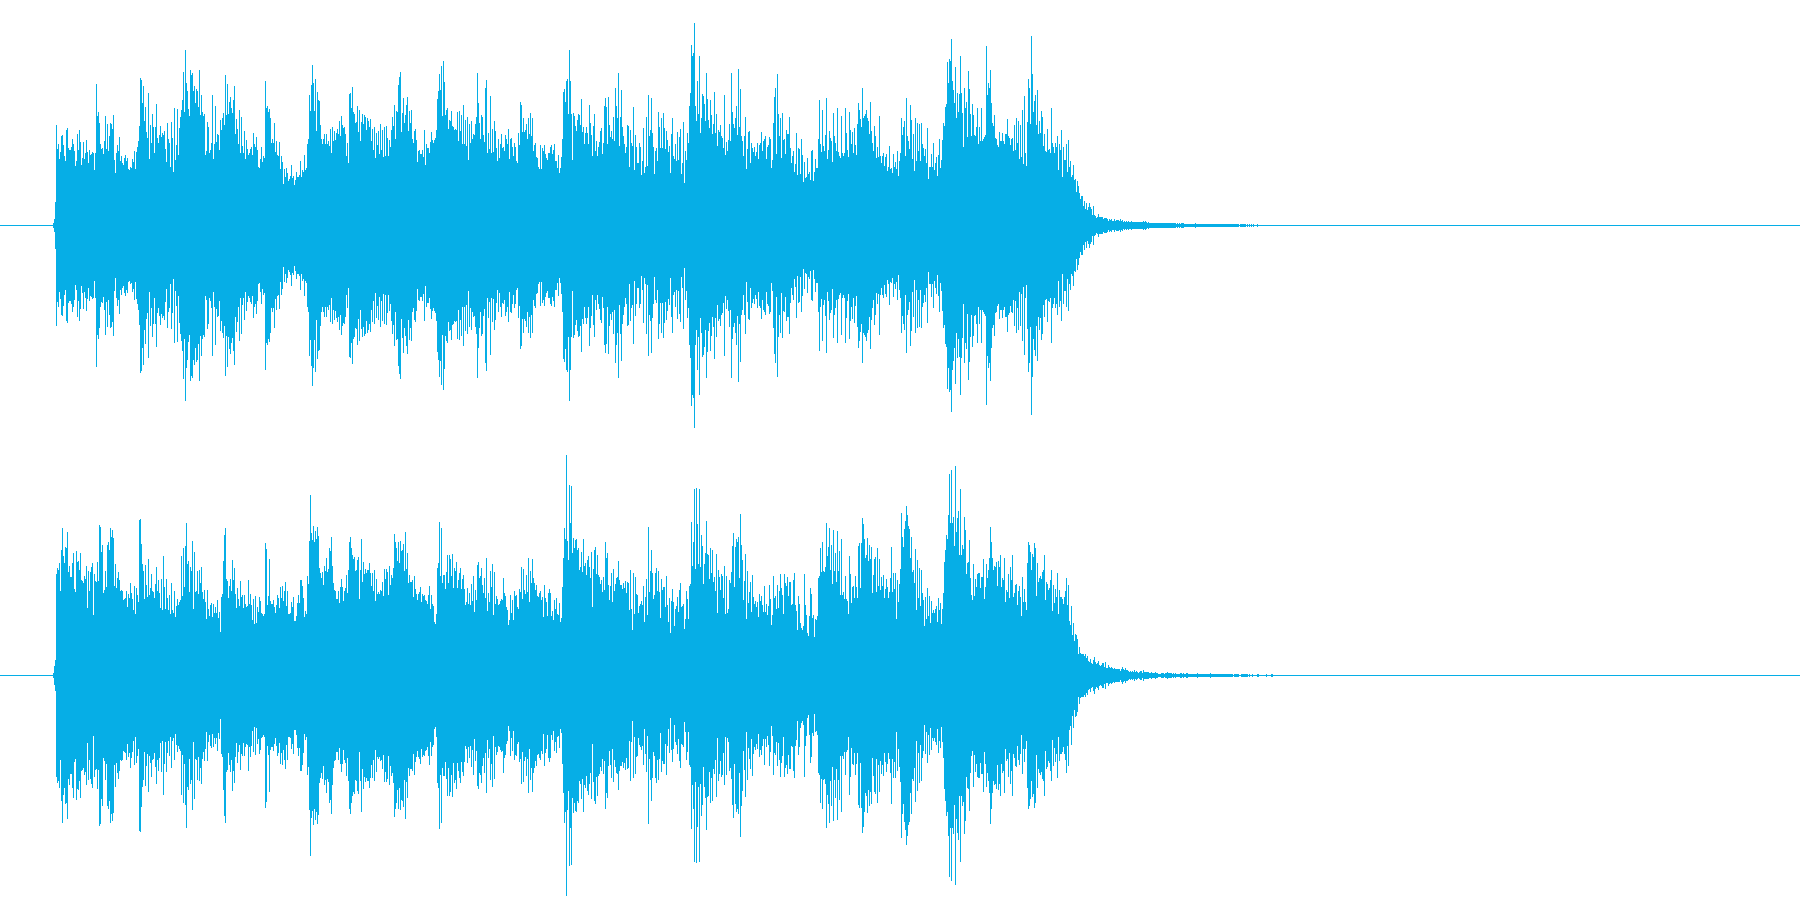 神秘的な森の中のようなBGM_ループ用3の再生済みの波形